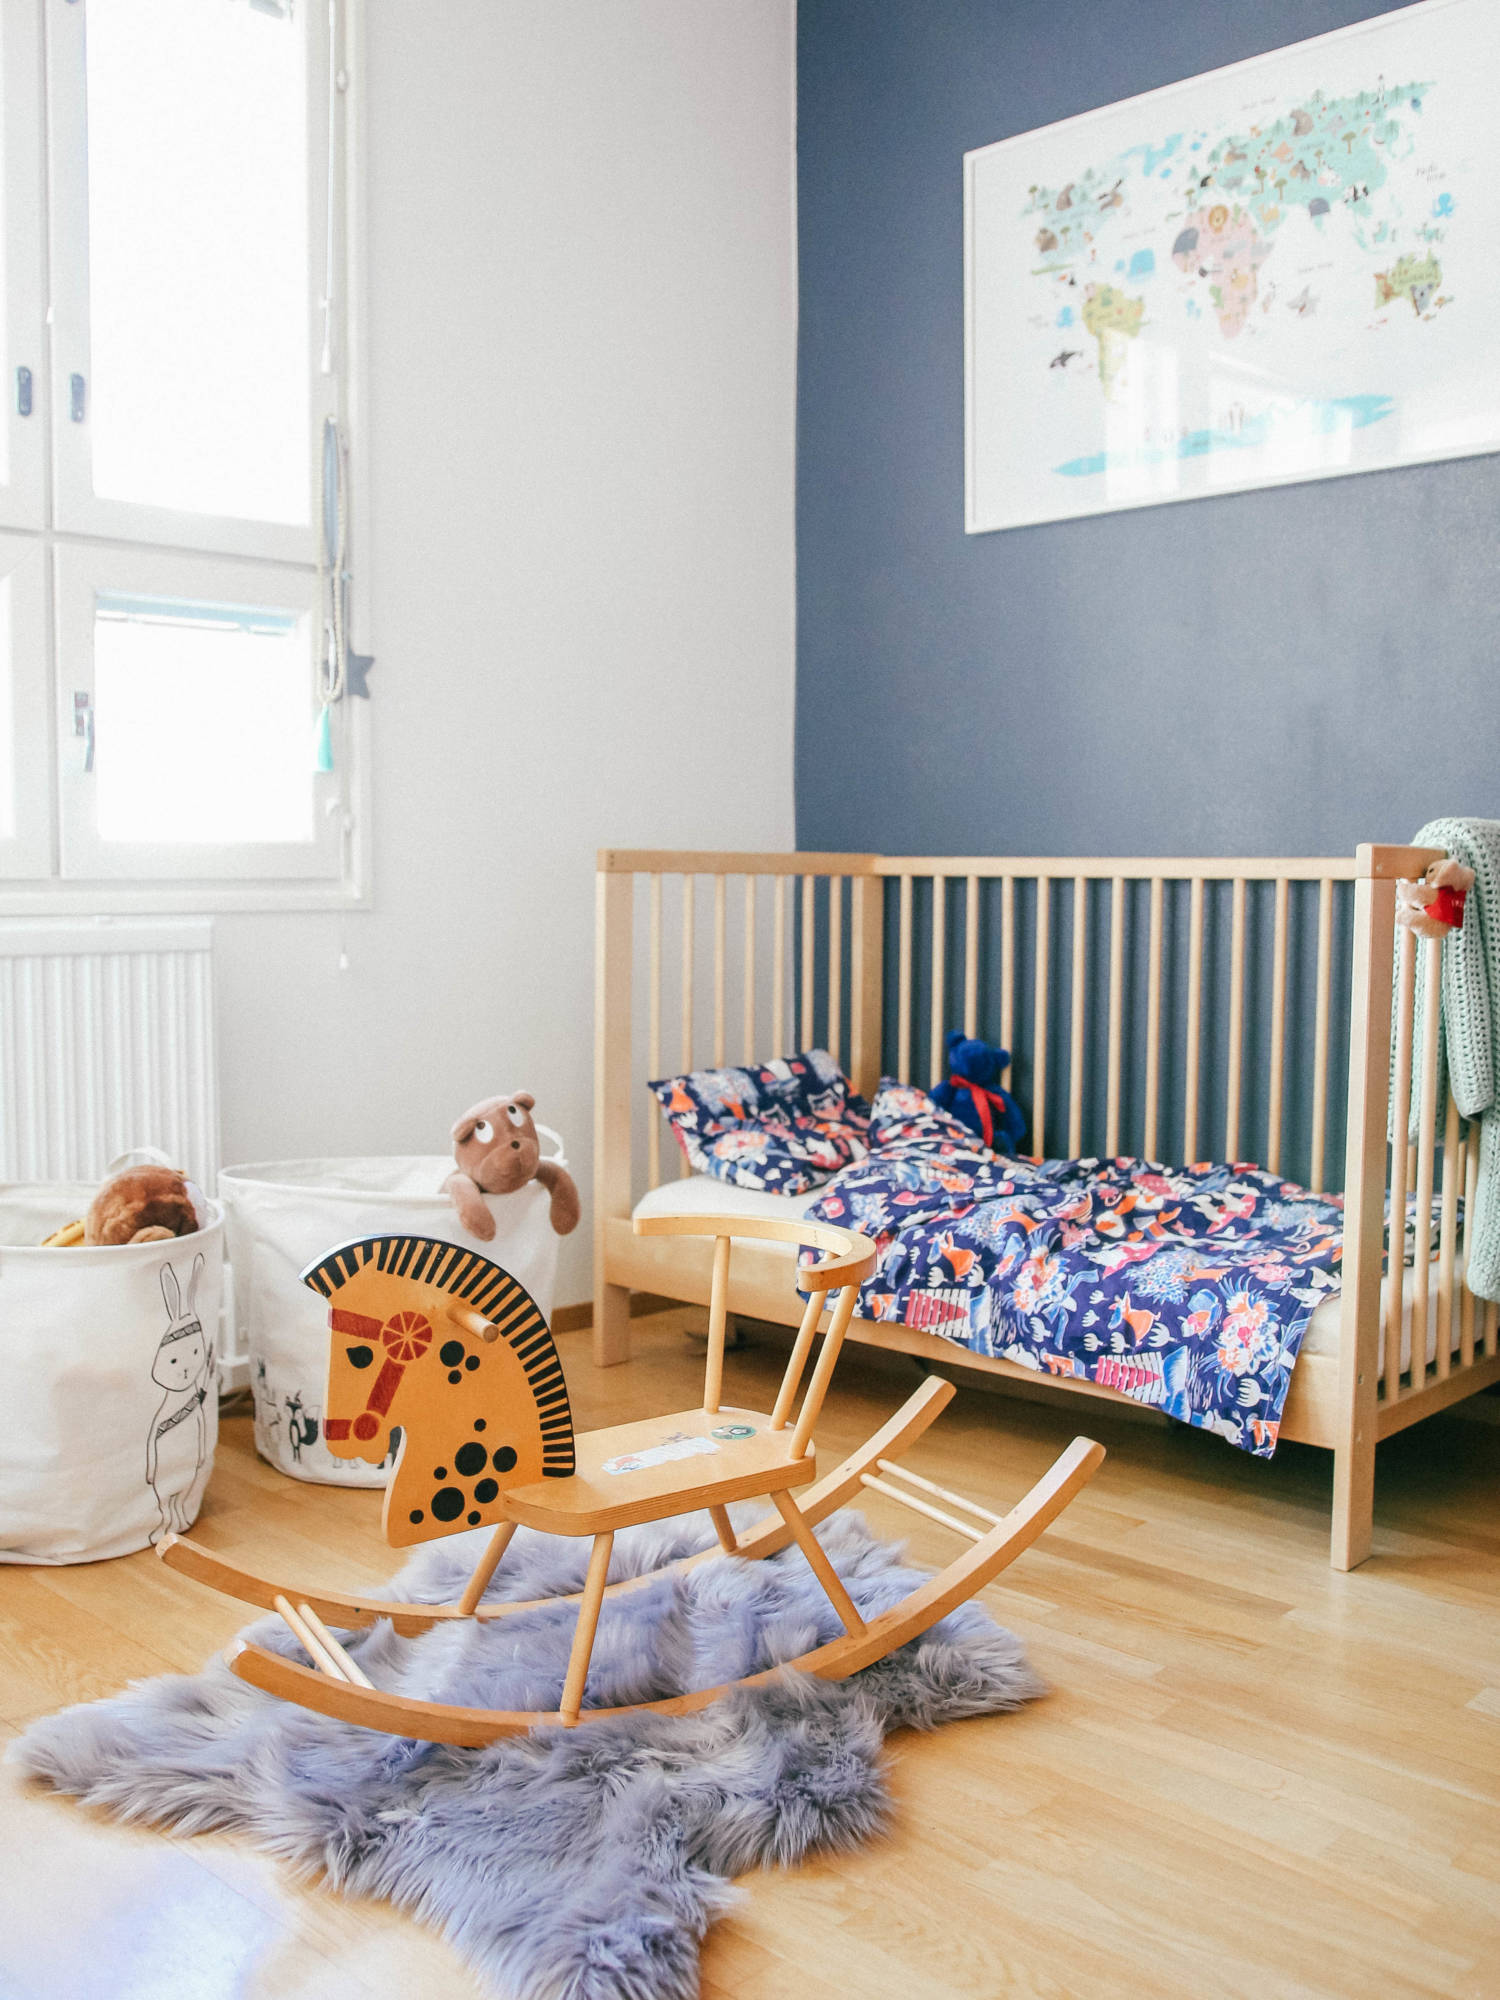 Lastenhuoneen sisustusjuttuja